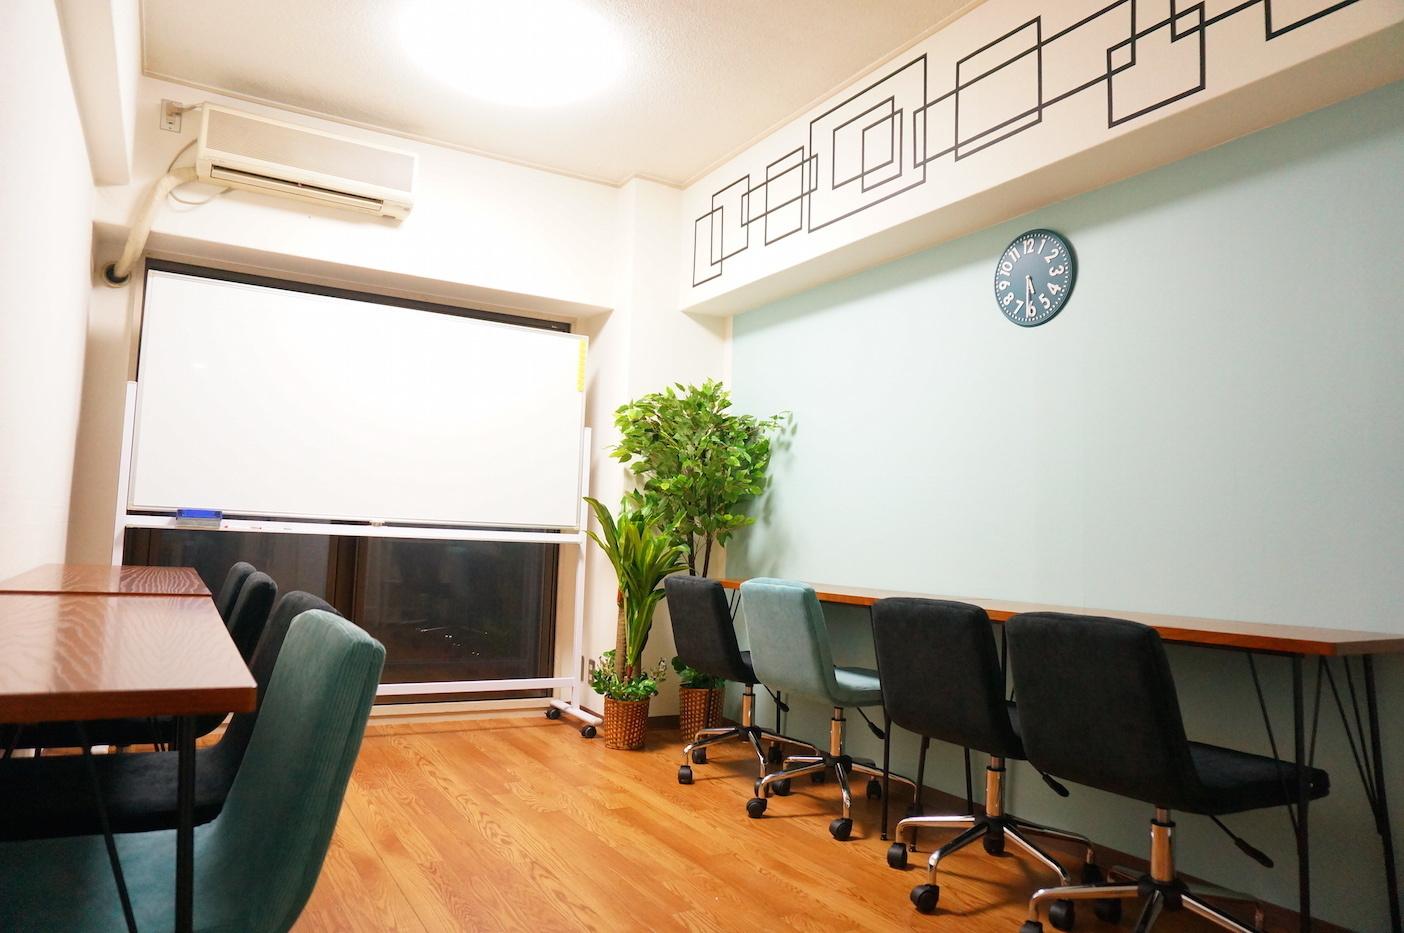 【心斎橋会議室】 Wi-Fi/プロジェクタ無料の貸し会議室♪の室内の写真